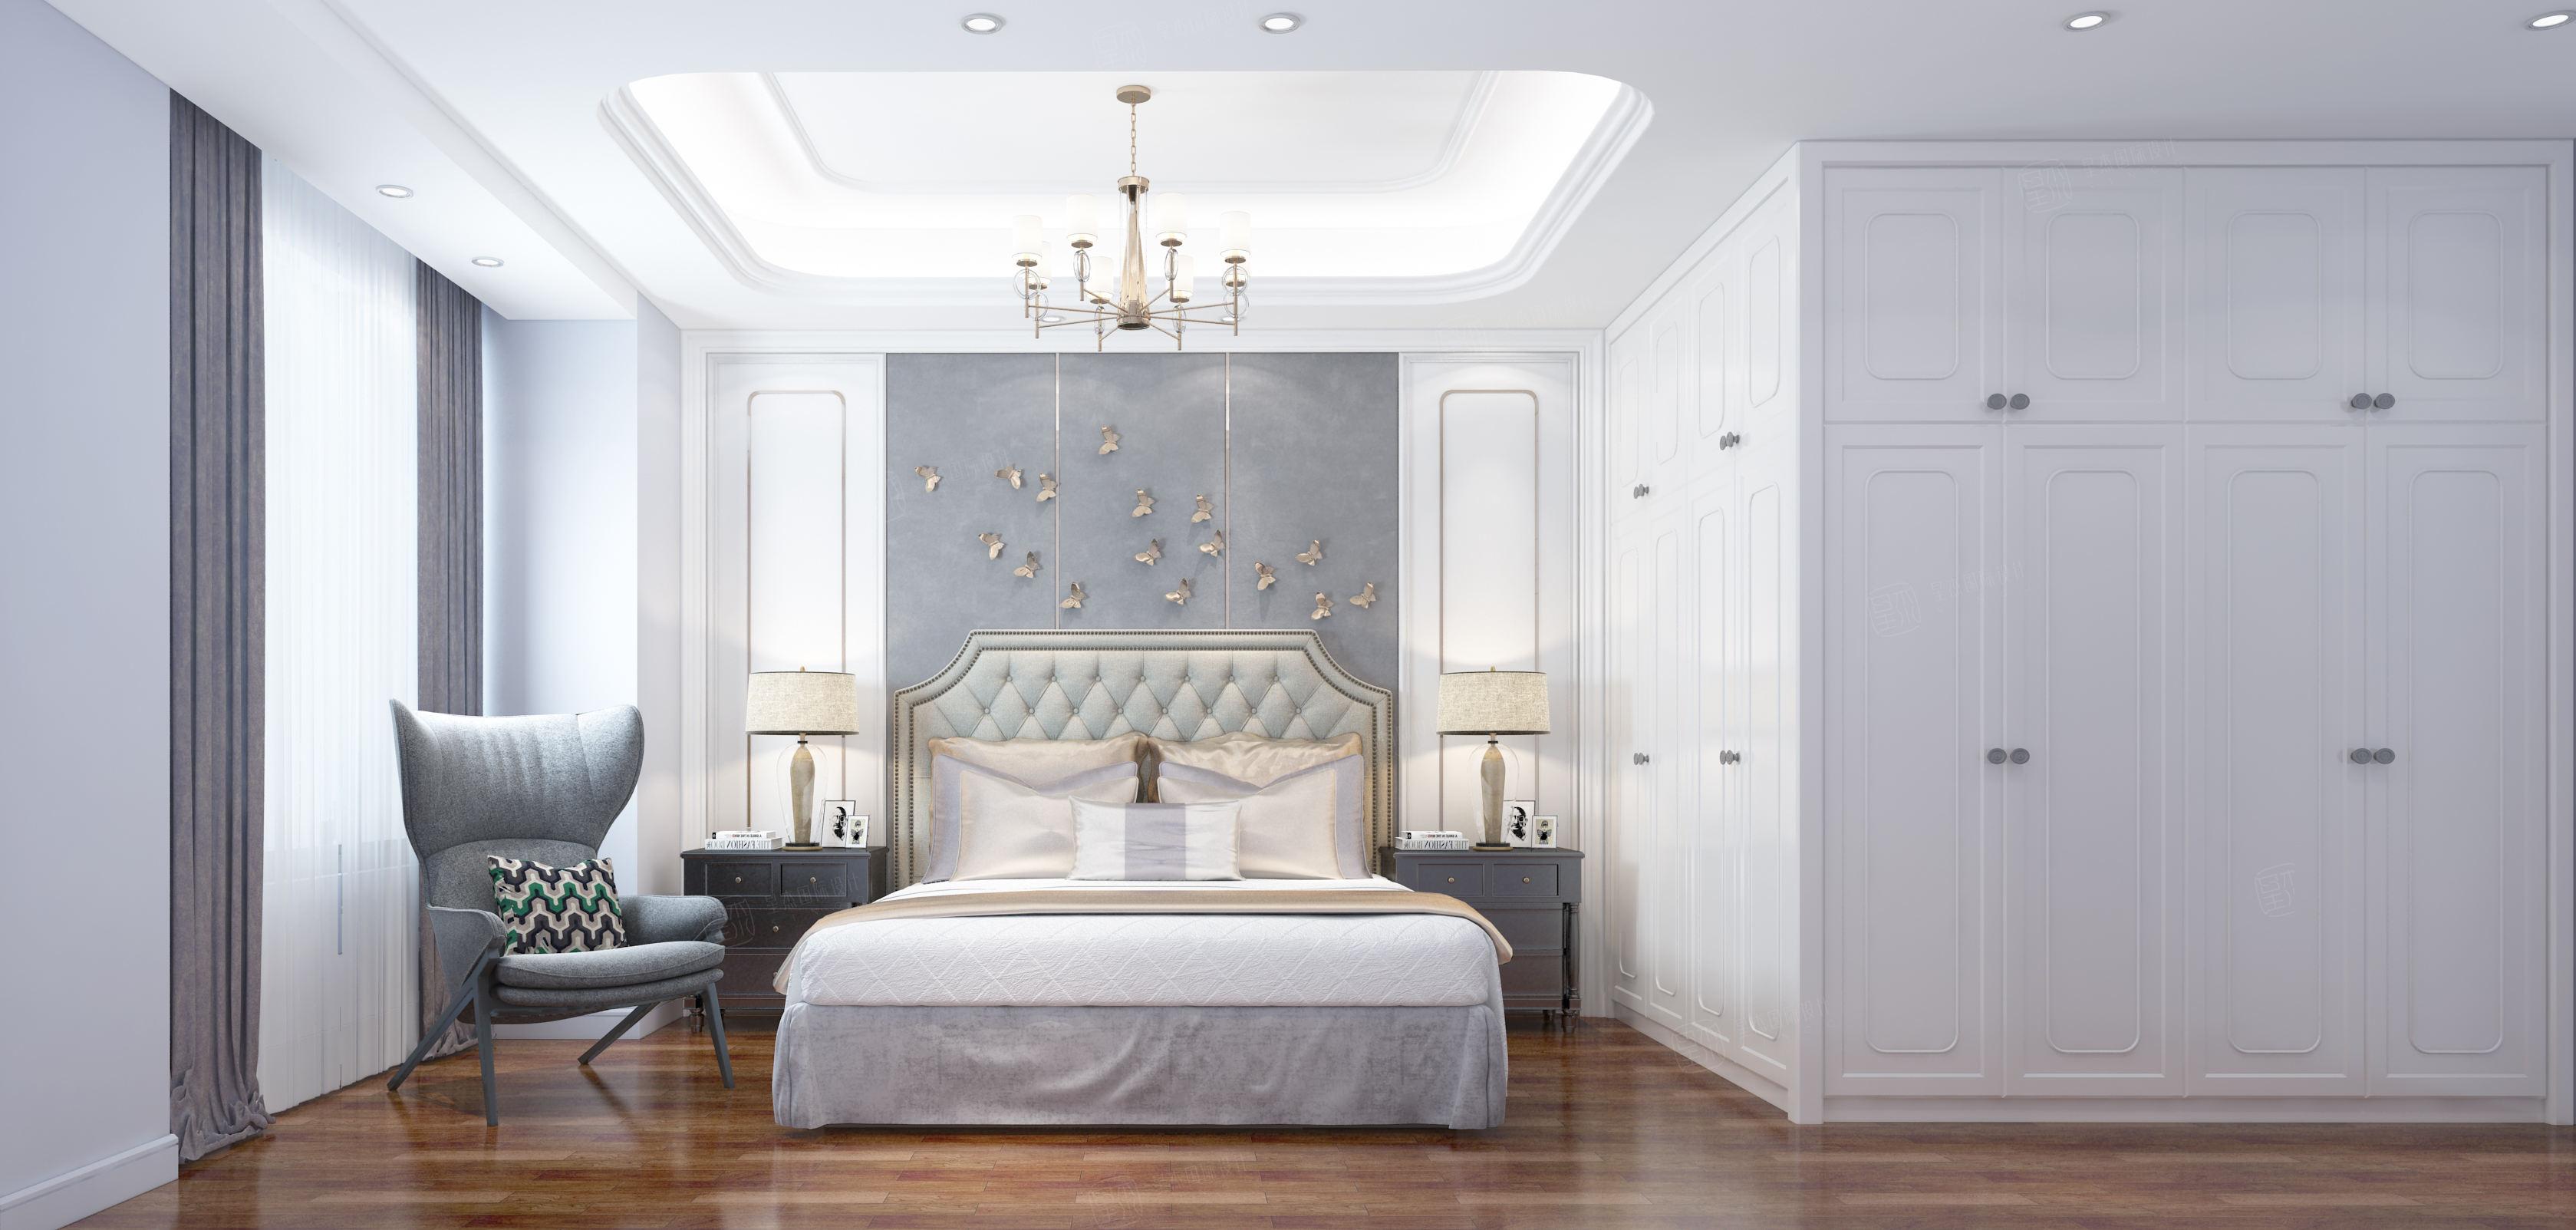 中环国际公寓 奢华欧式装修卧室效果图